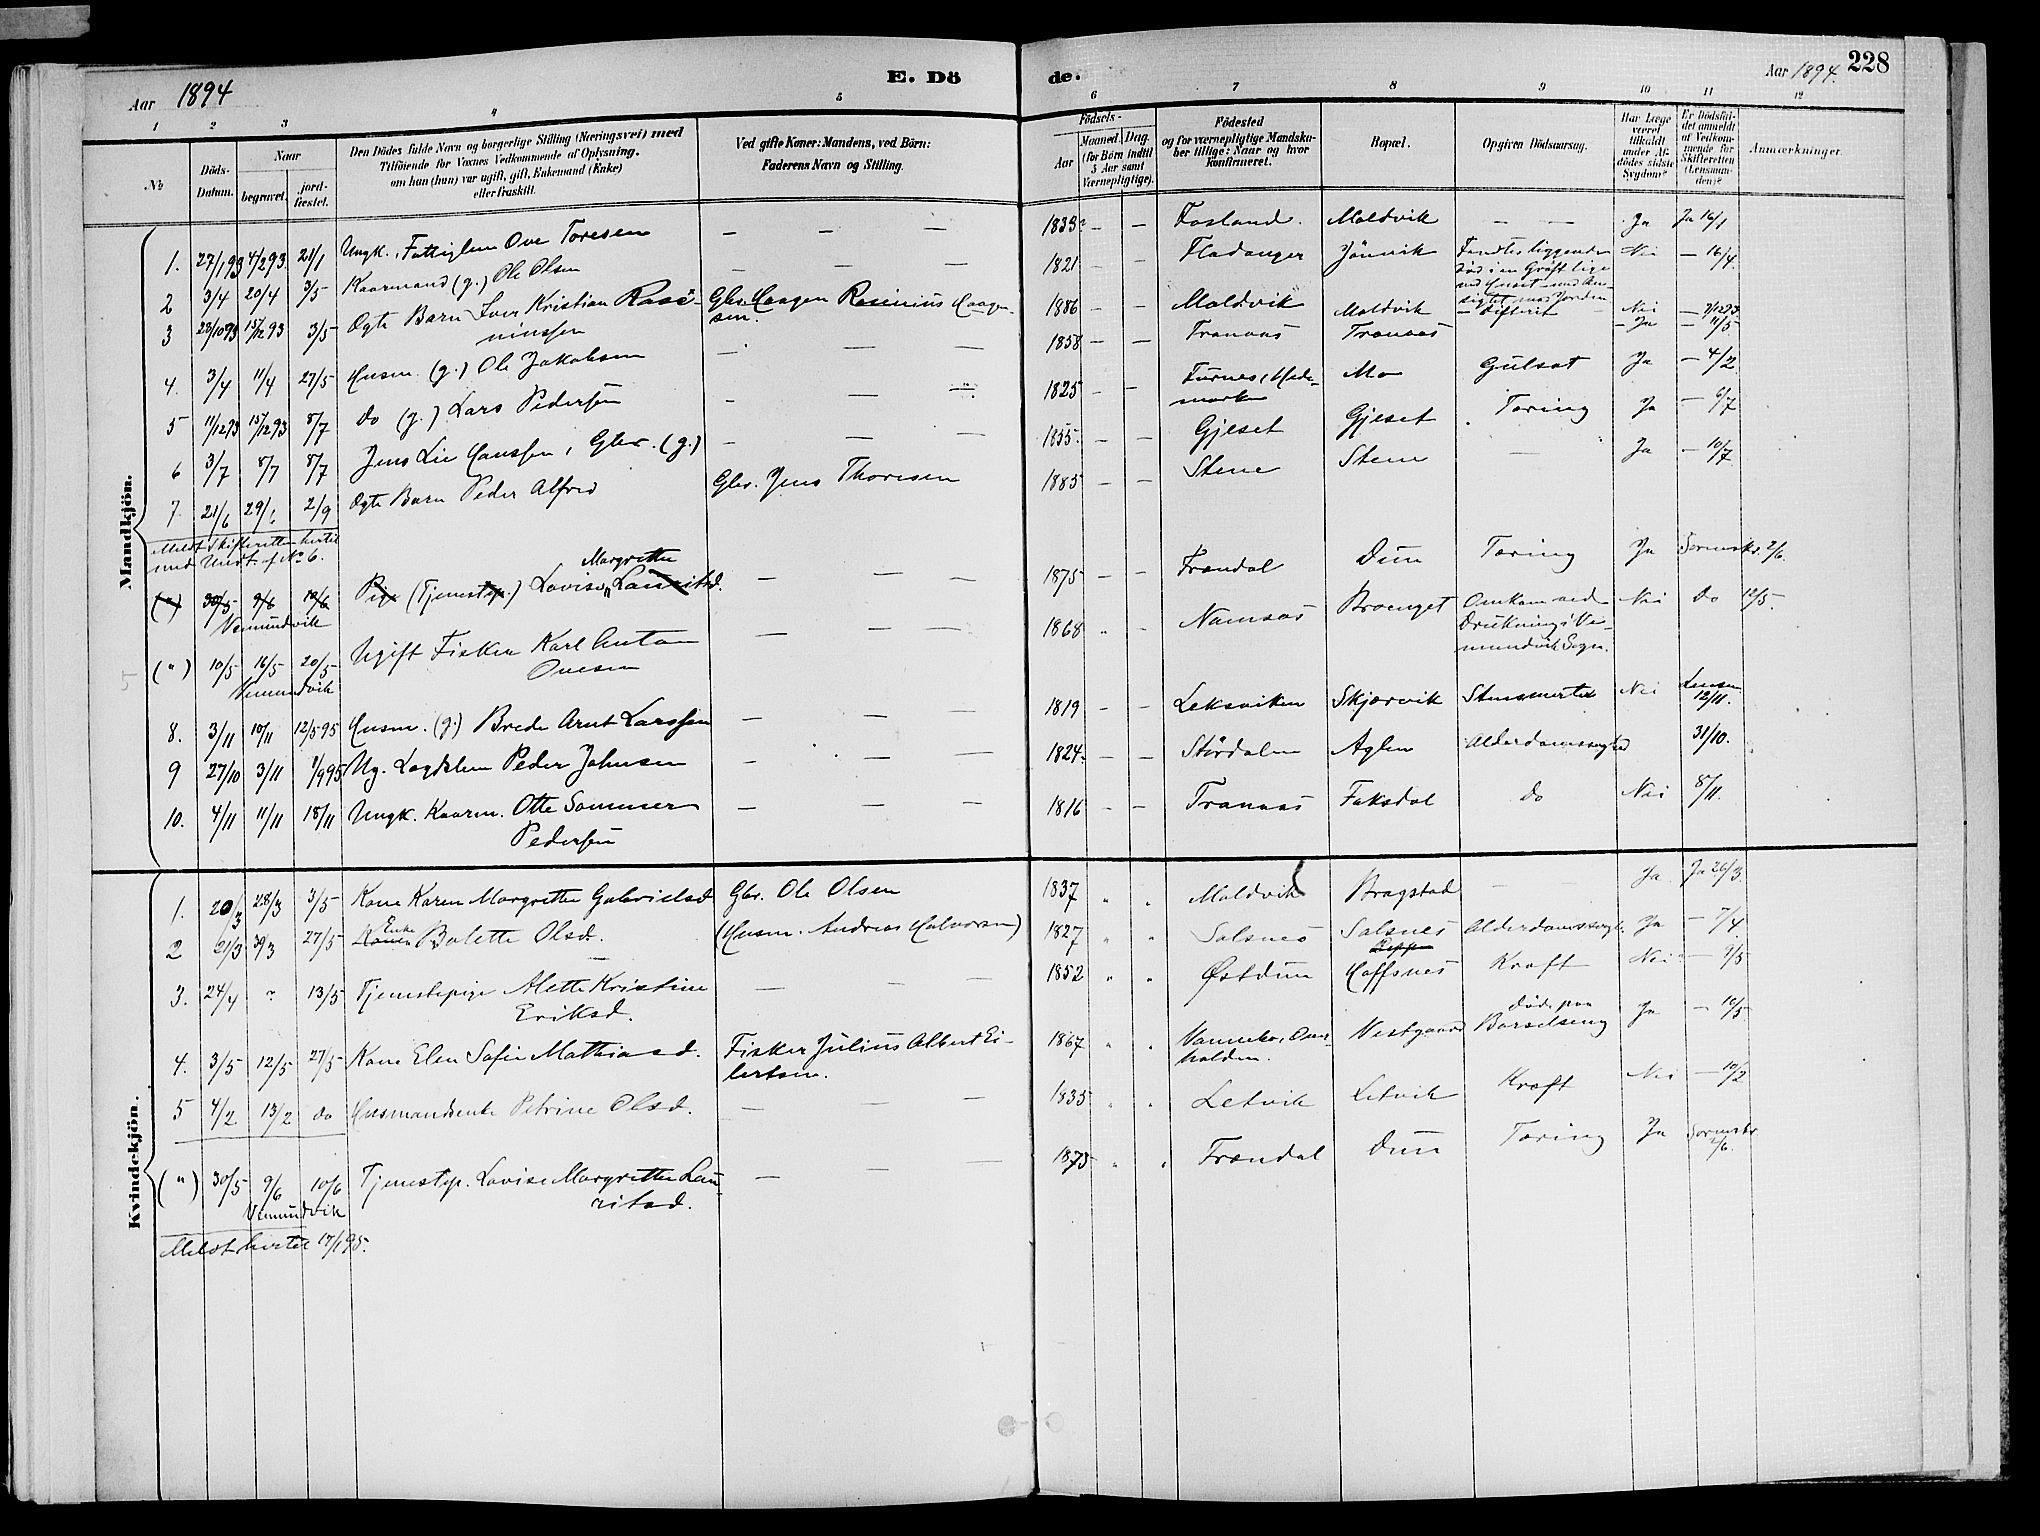 SAT, Ministerialprotokoller, klokkerbøker og fødselsregistre - Nord-Trøndelag, 773/L0617: Ministerialbok nr. 773A08, 1887-1910, s. 228